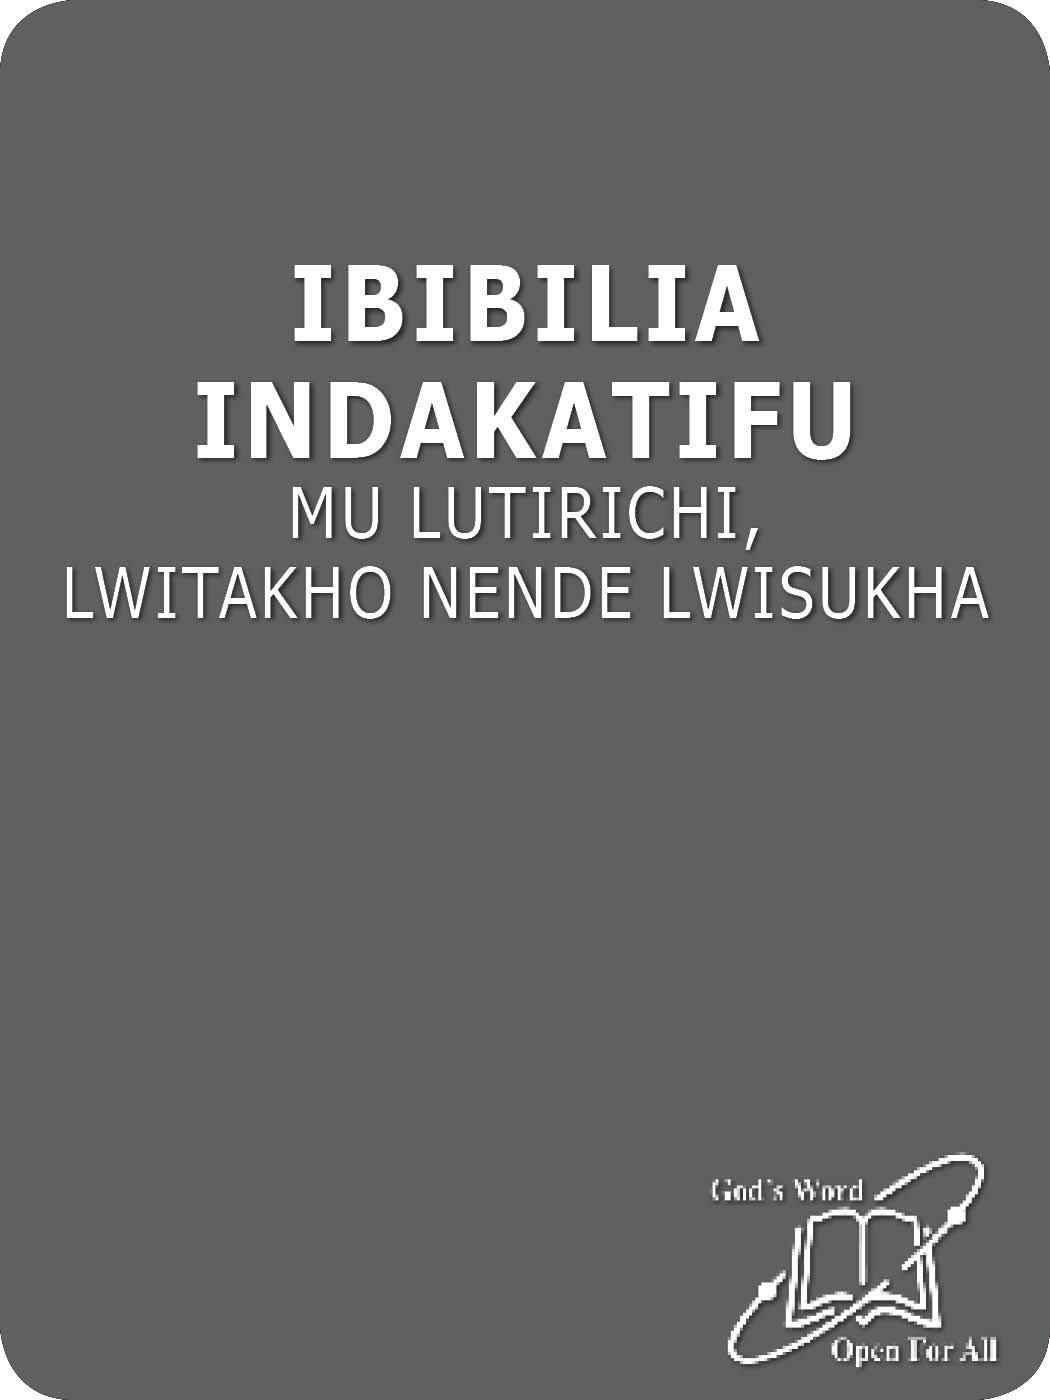 Lwisukha Lutirichi Lwidakho